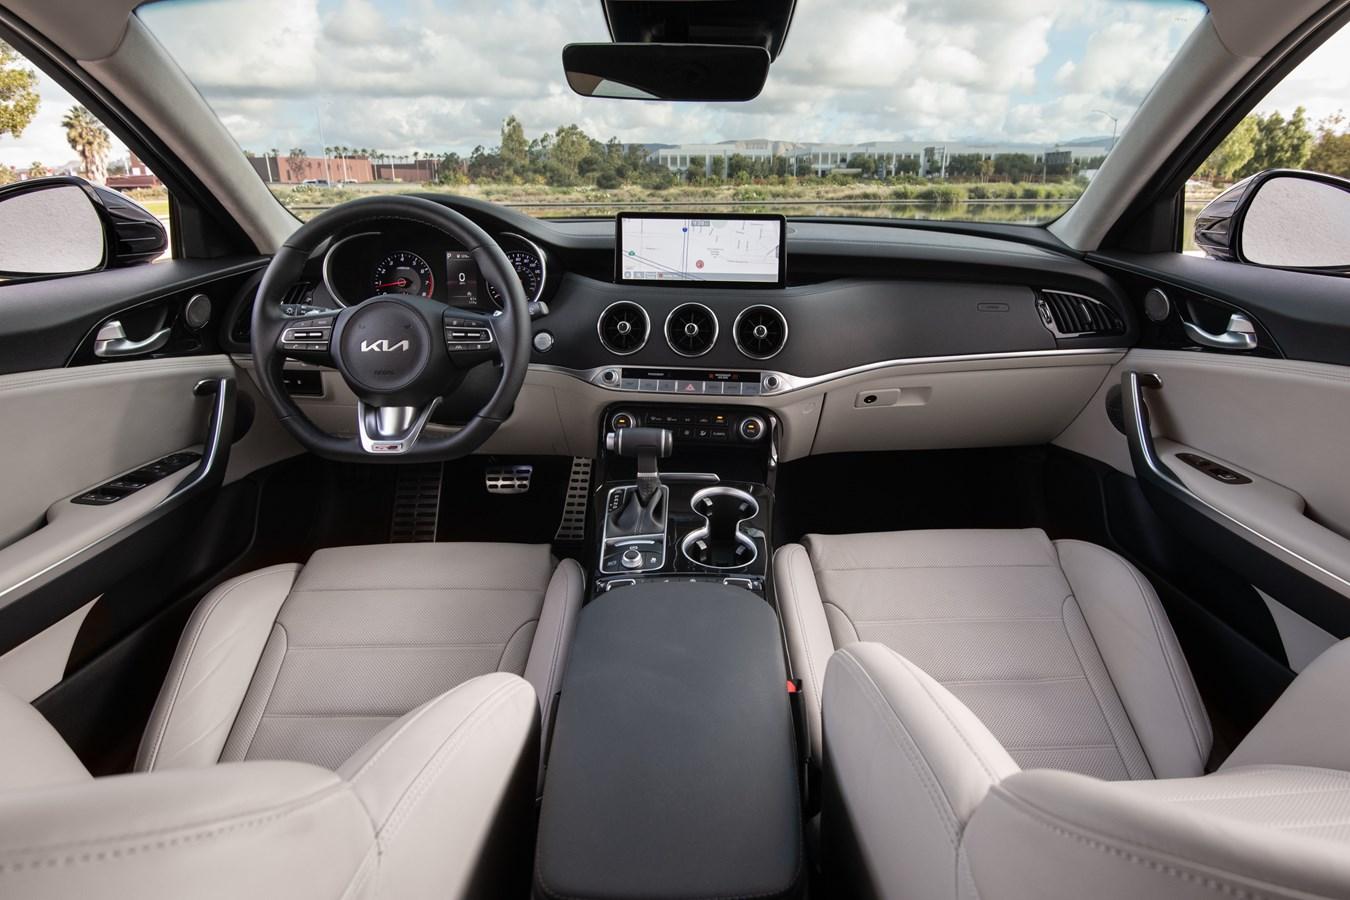 2022 Stinger GT-Line interior front